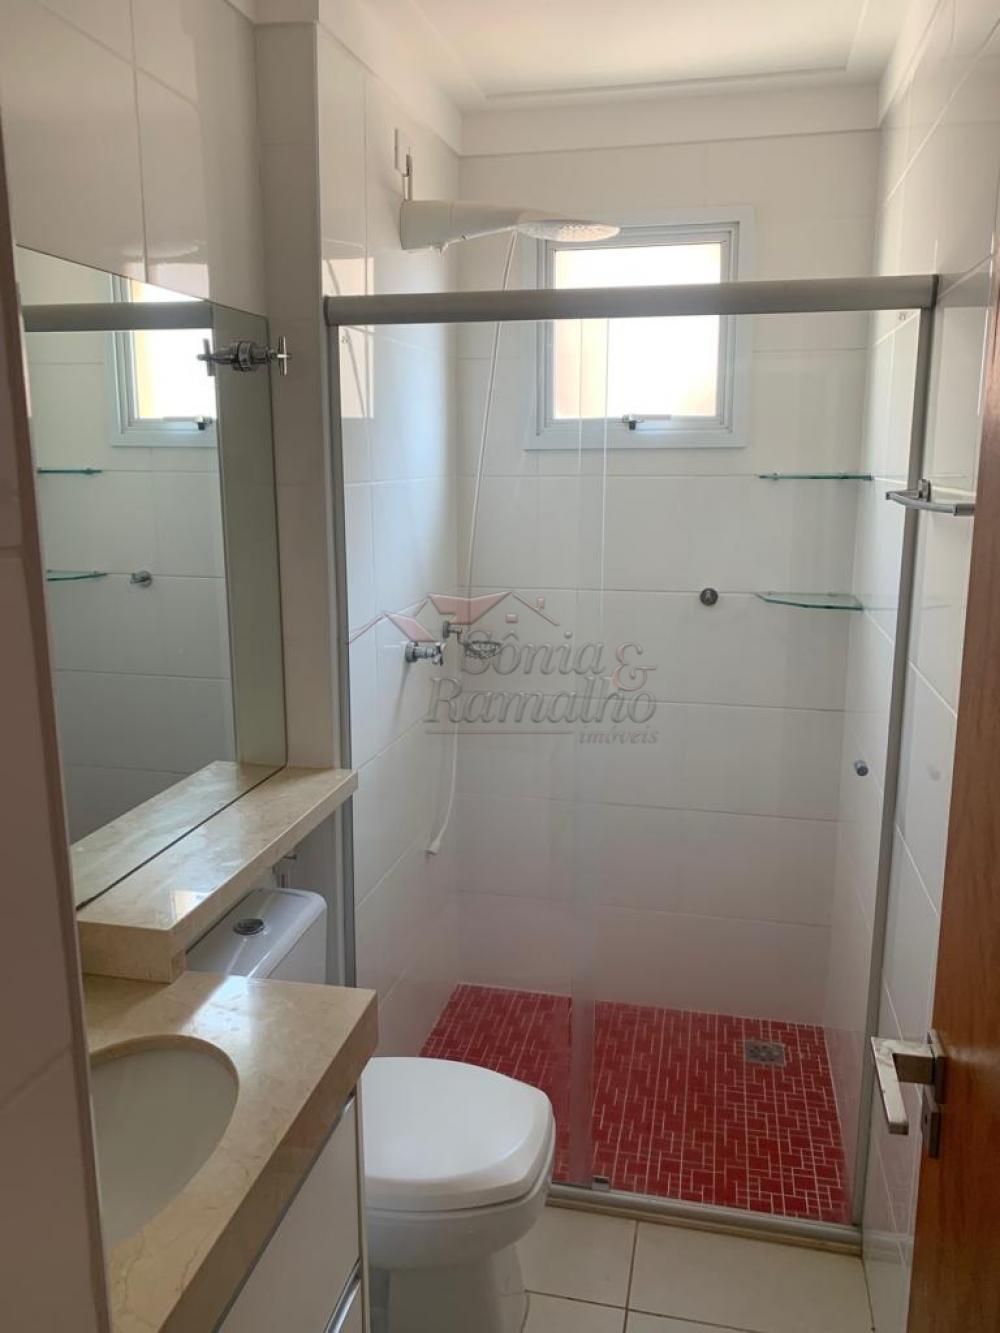 Comprar Apartamentos / Padrão em Ribeirão Preto apenas R$ 490.000,00 - Foto 3